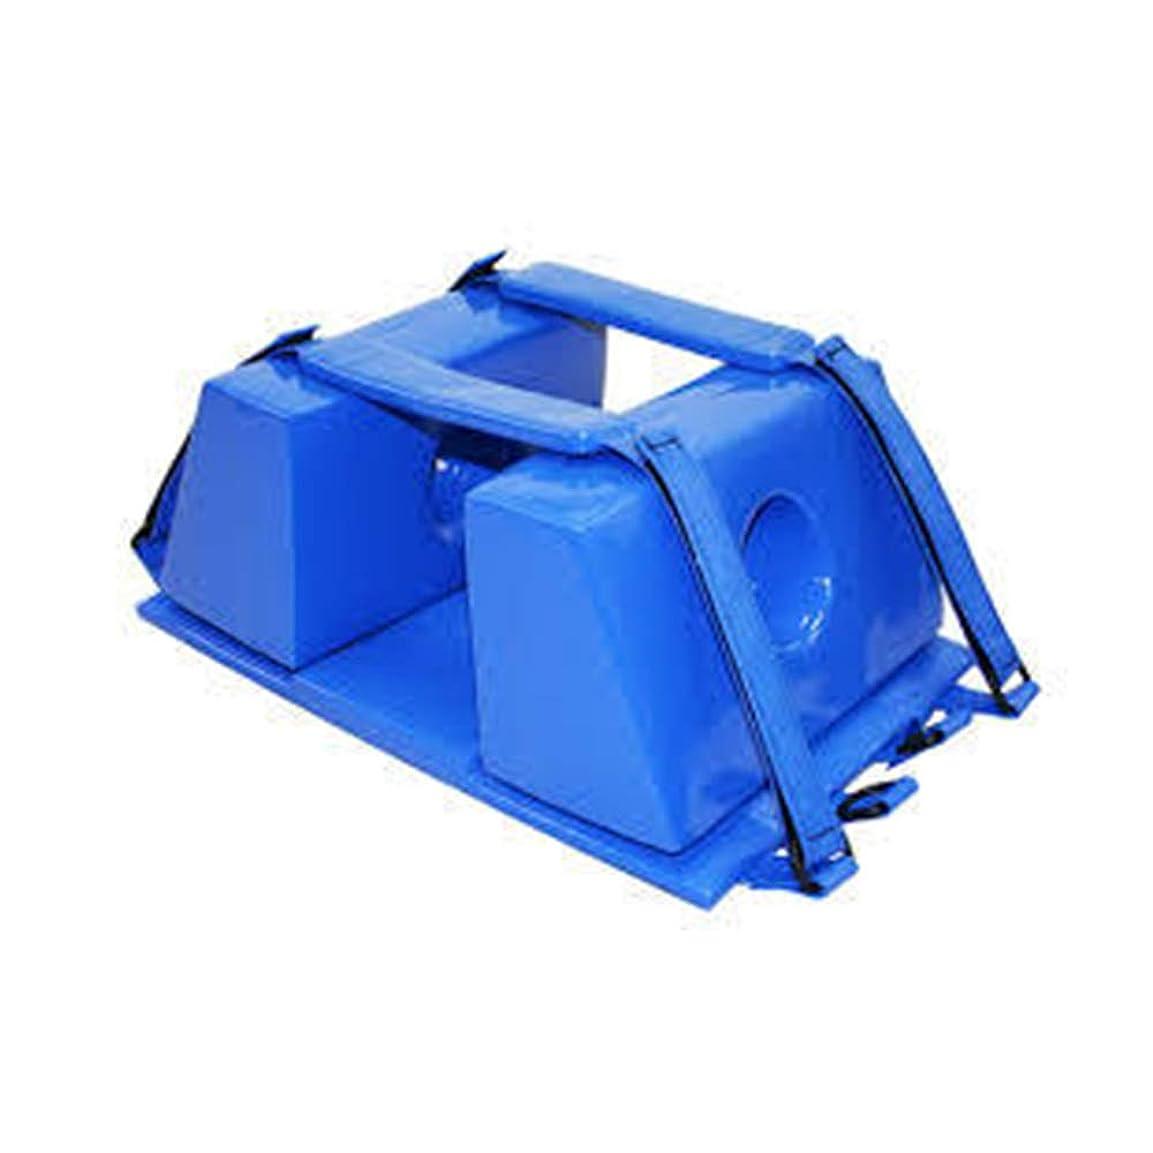 費やすスリット代わりにを立てる背板 - 背骨のための普遍的な緊急の再使用可能な救助のライト級選手のための脊椎板頭部の固定装置,Blue